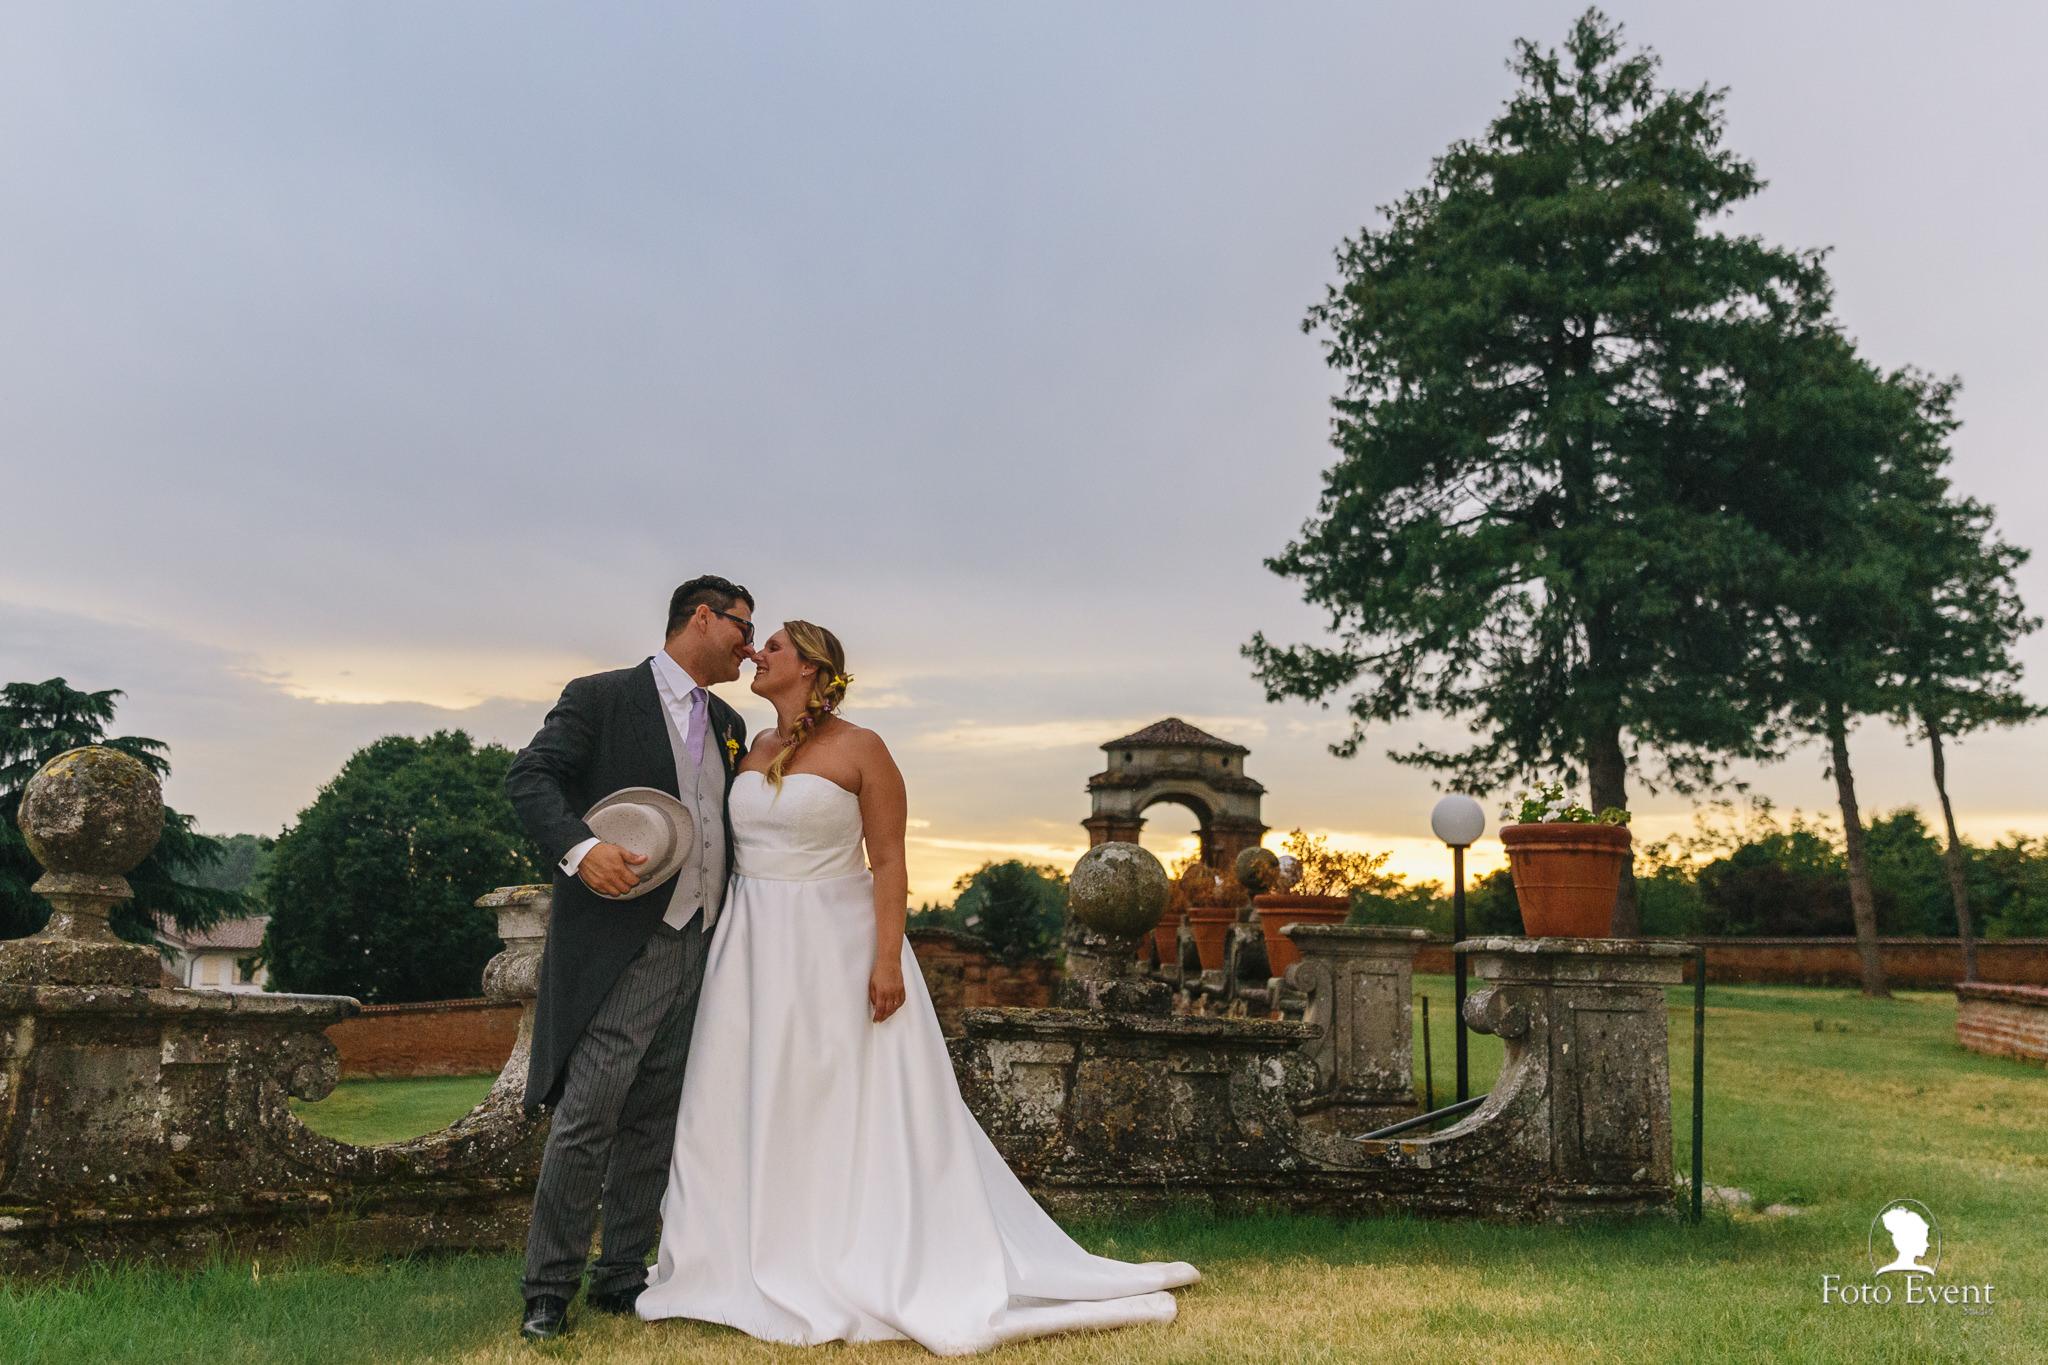 073-2019-07-27-Matrimonio-Valentina-e-Alessandro-Pettinari-5DE-1400